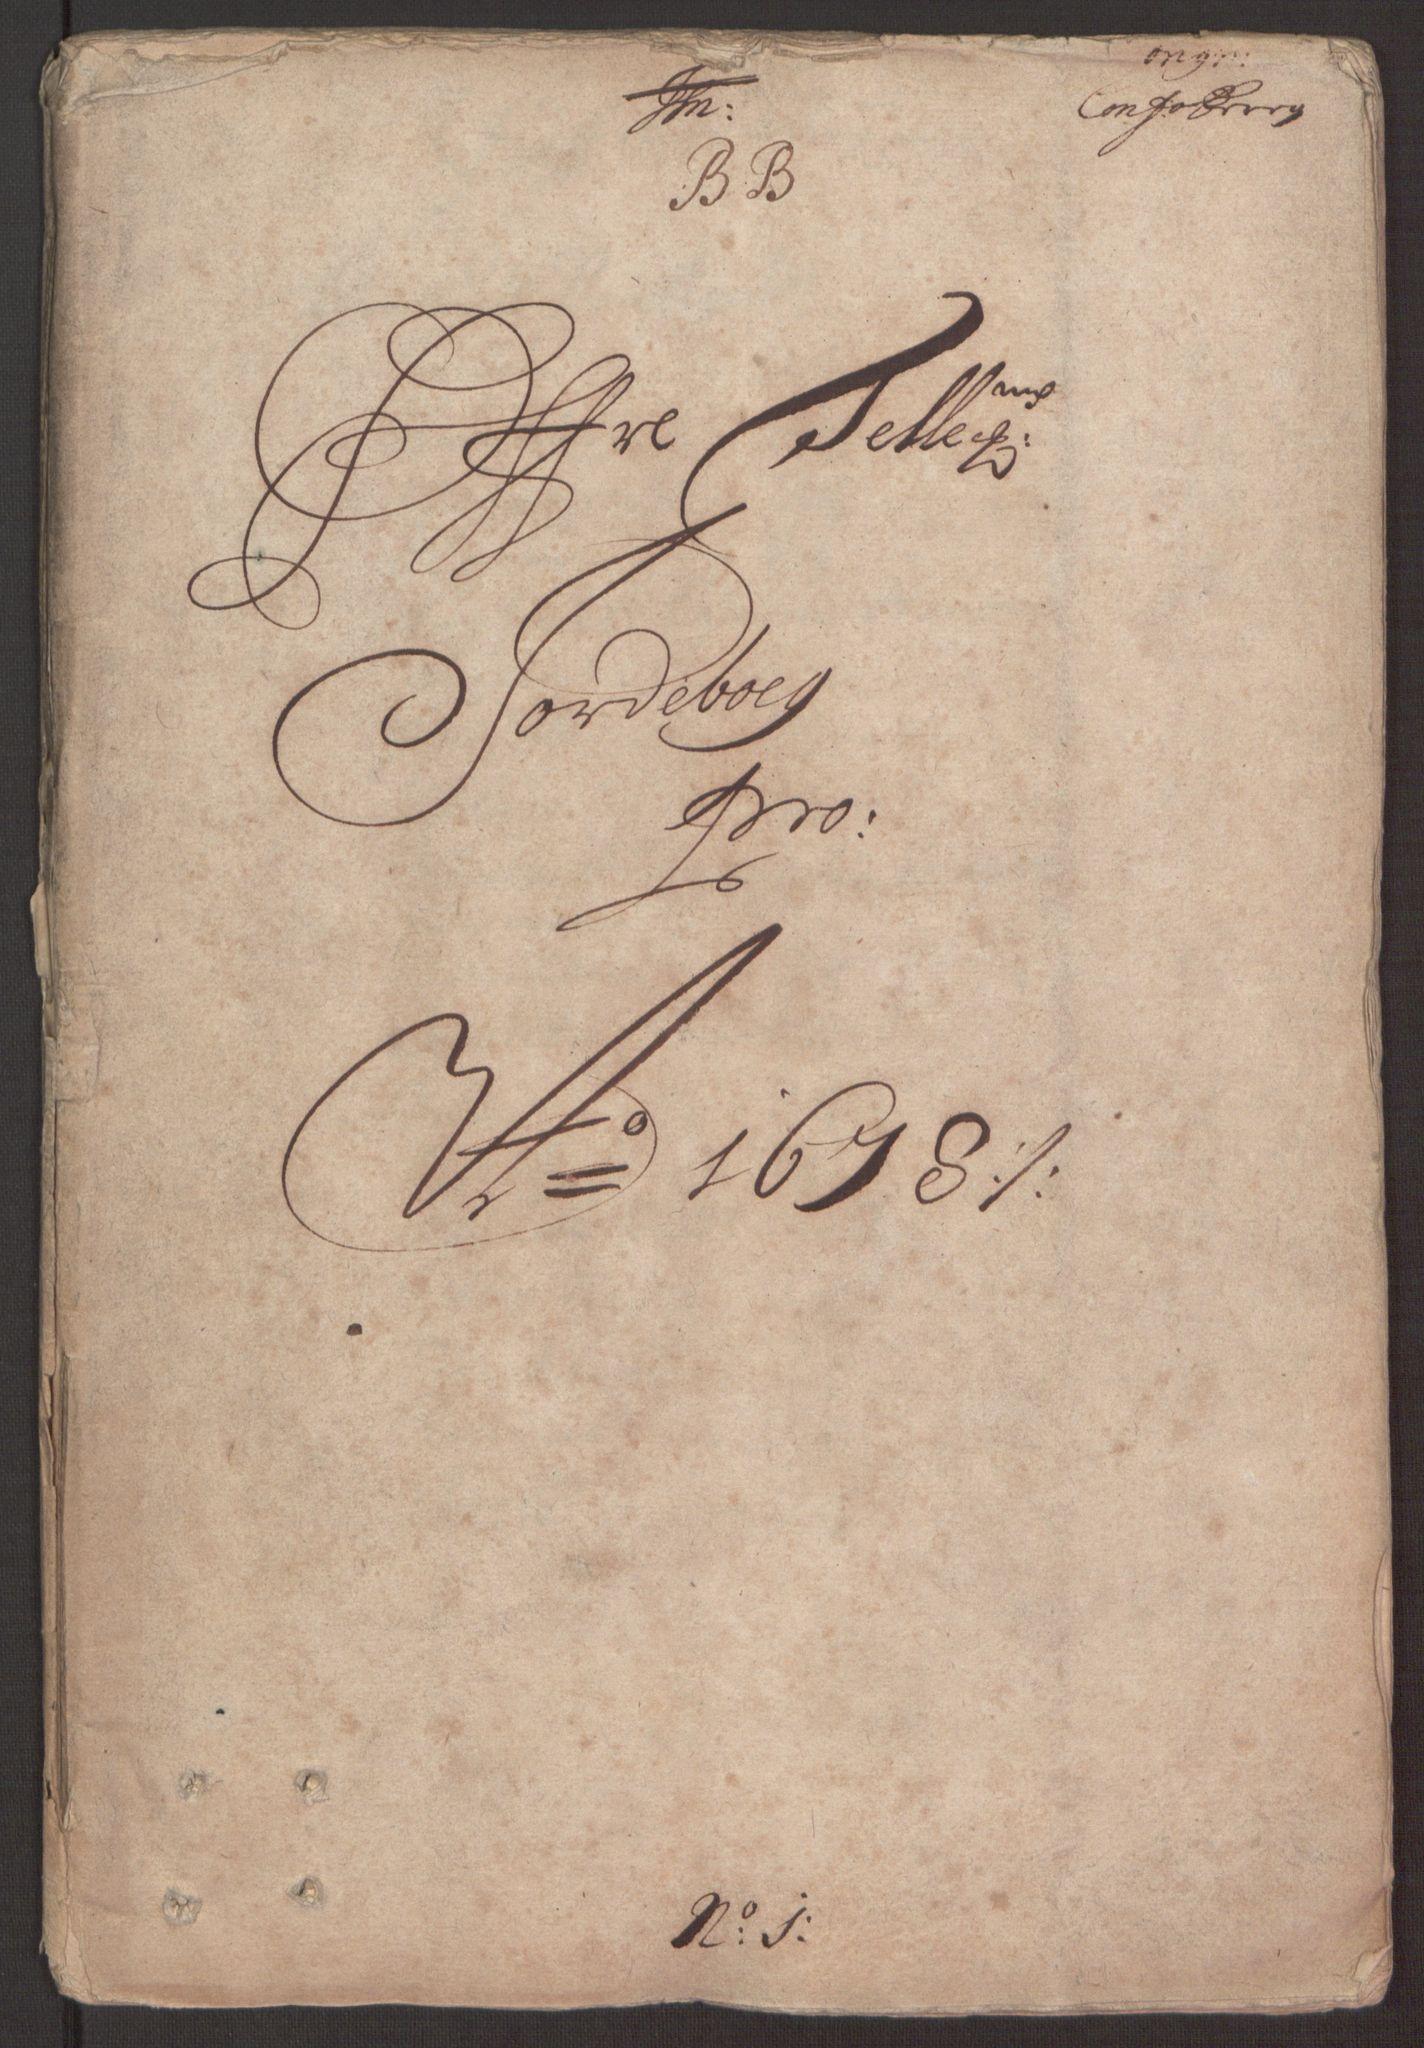 RA, Rentekammeret inntil 1814, Reviderte regnskaper, Fogderegnskap, R35/L2070: Fogderegnskap Øvre og Nedre Telemark, 1678, s. 3